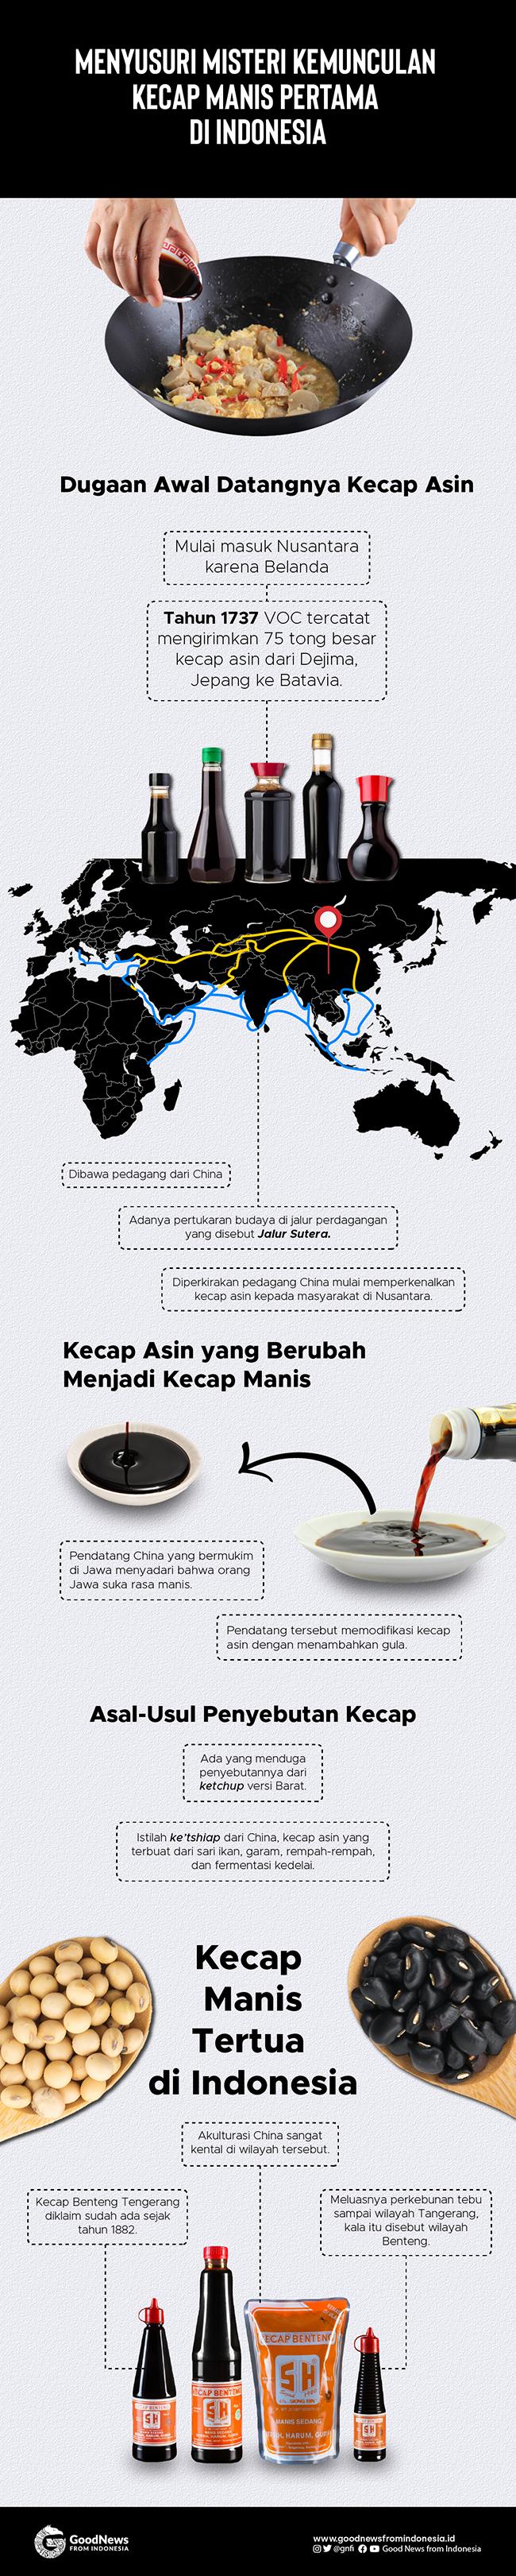 Menelisik Sejarah Kecap di Indonesia